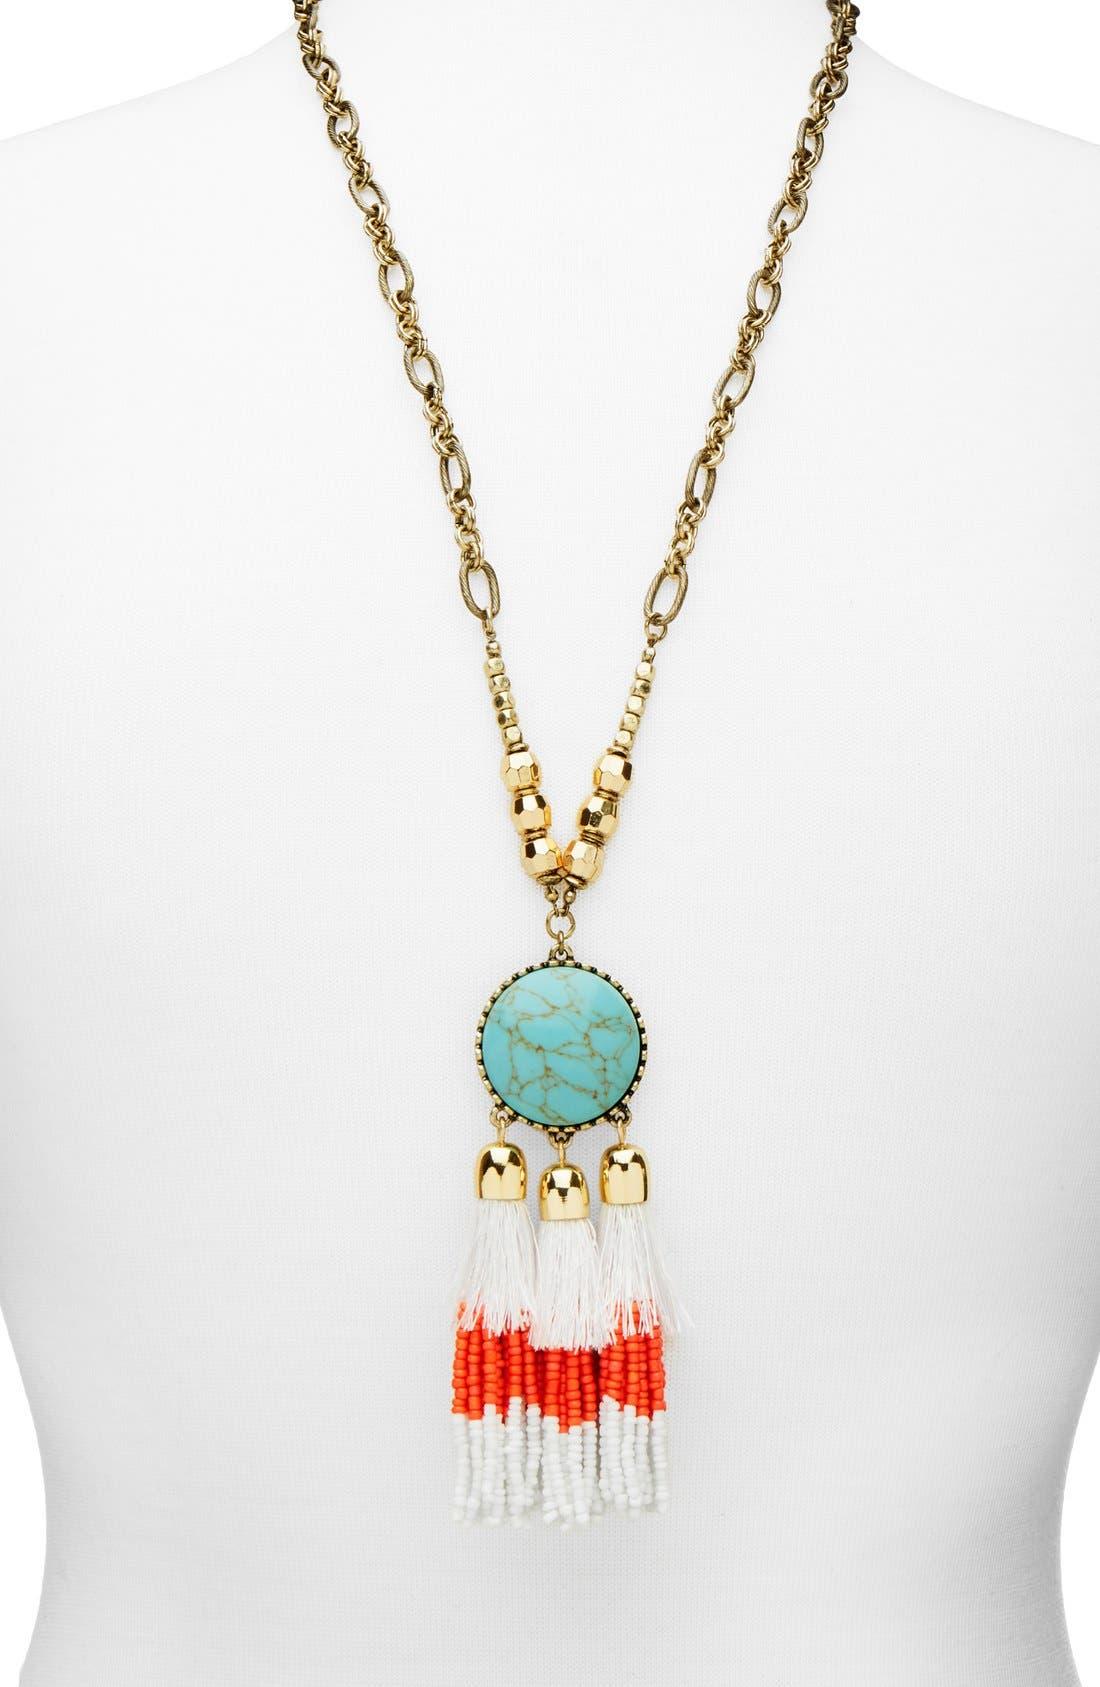 Alternate Image 1 Selected - BaubleBar 'Rhodes' Tassel Pendant Necklace